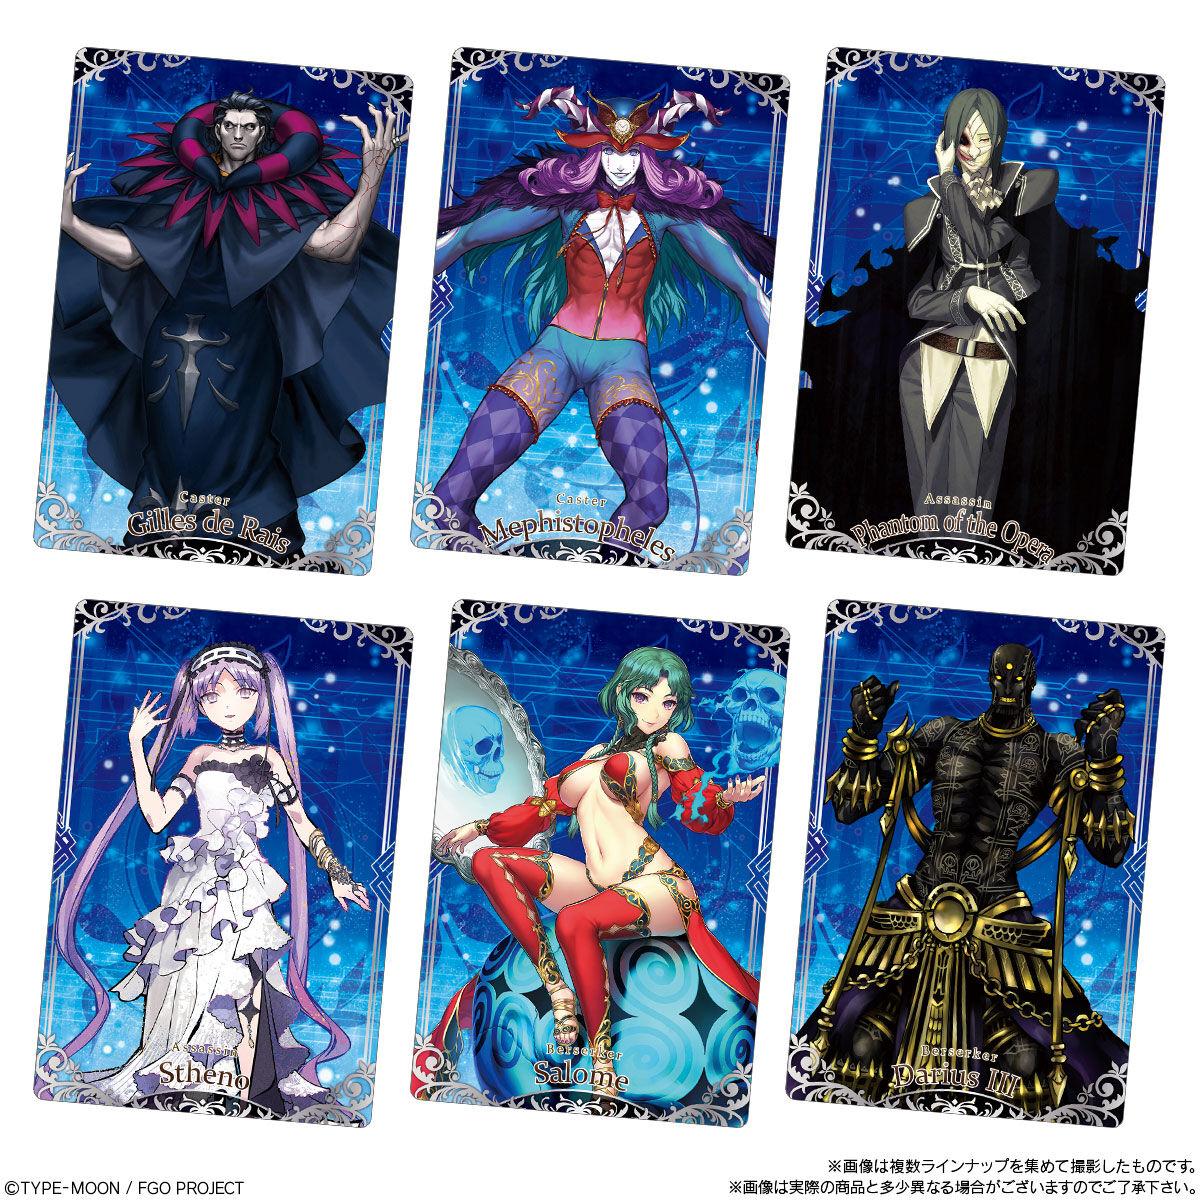 【食玩】Fate/Grand Order『Fate/Grand Order ウエハース10』20個入りBOX-003